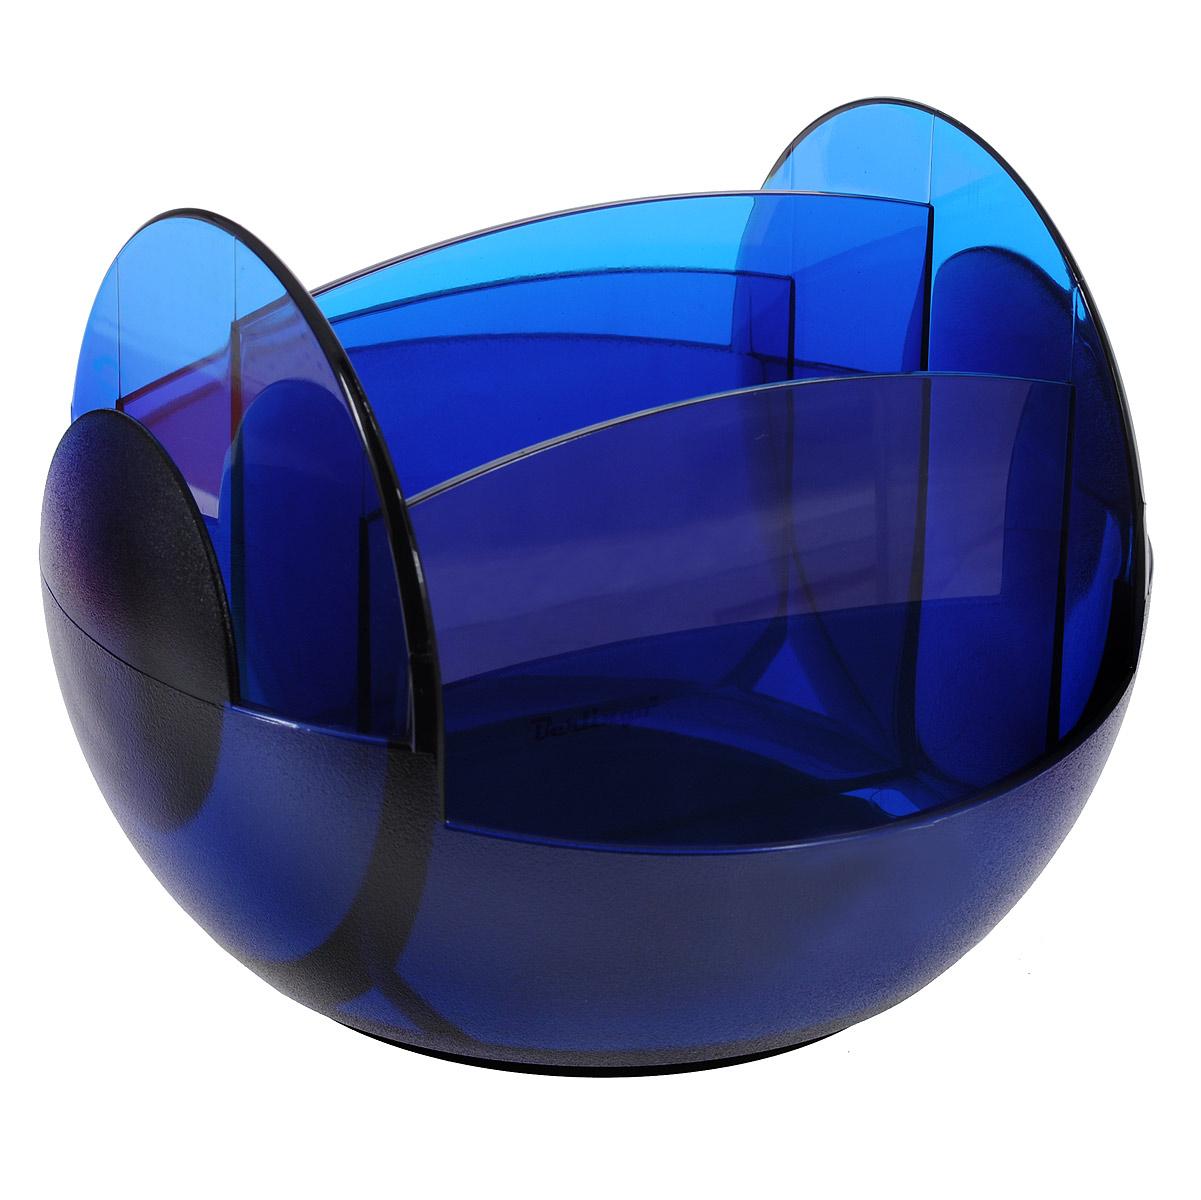 Настольная подставка вращающаяся Berlingo, цвет синийMOn00062Настольная подставка вращающаяся Berlingo незаменимый атрибут рабочего стола. Она выполнена из высококачественного пластика и содержит два отделения для пишущих принадлежностей и еще четыре отделения для различных других канцелярских приборов: линеек, ластиков, блоков для заметок. Подставка оснащена вращающимся механизмом на 360 градусов, благодаря которому вы сможете с легкостью взять нужный предмет. Такая настольная подставка призвана не только сохранить письменные принадлежности в порядке, но и разнообразить привычную обстановку рабочего стола.